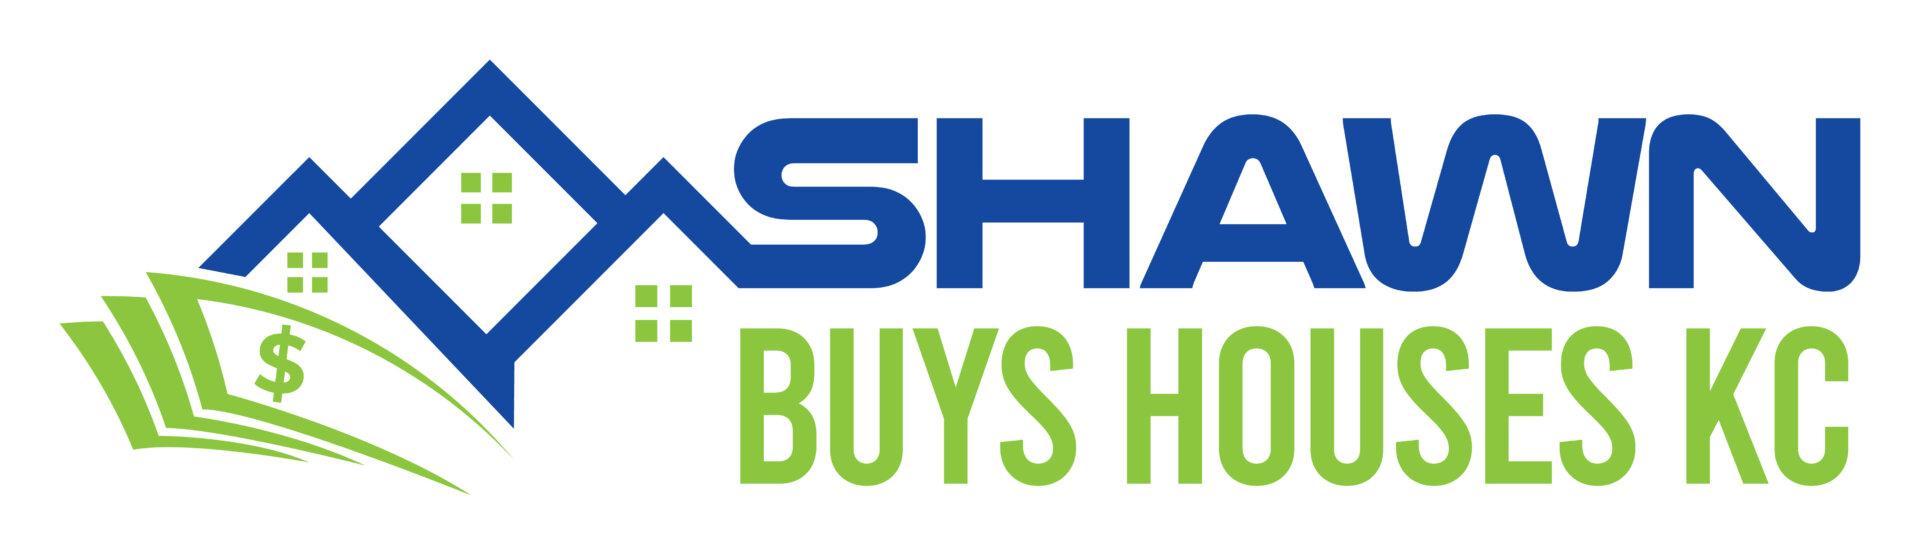 ShawnBuysHousesKC.com logo